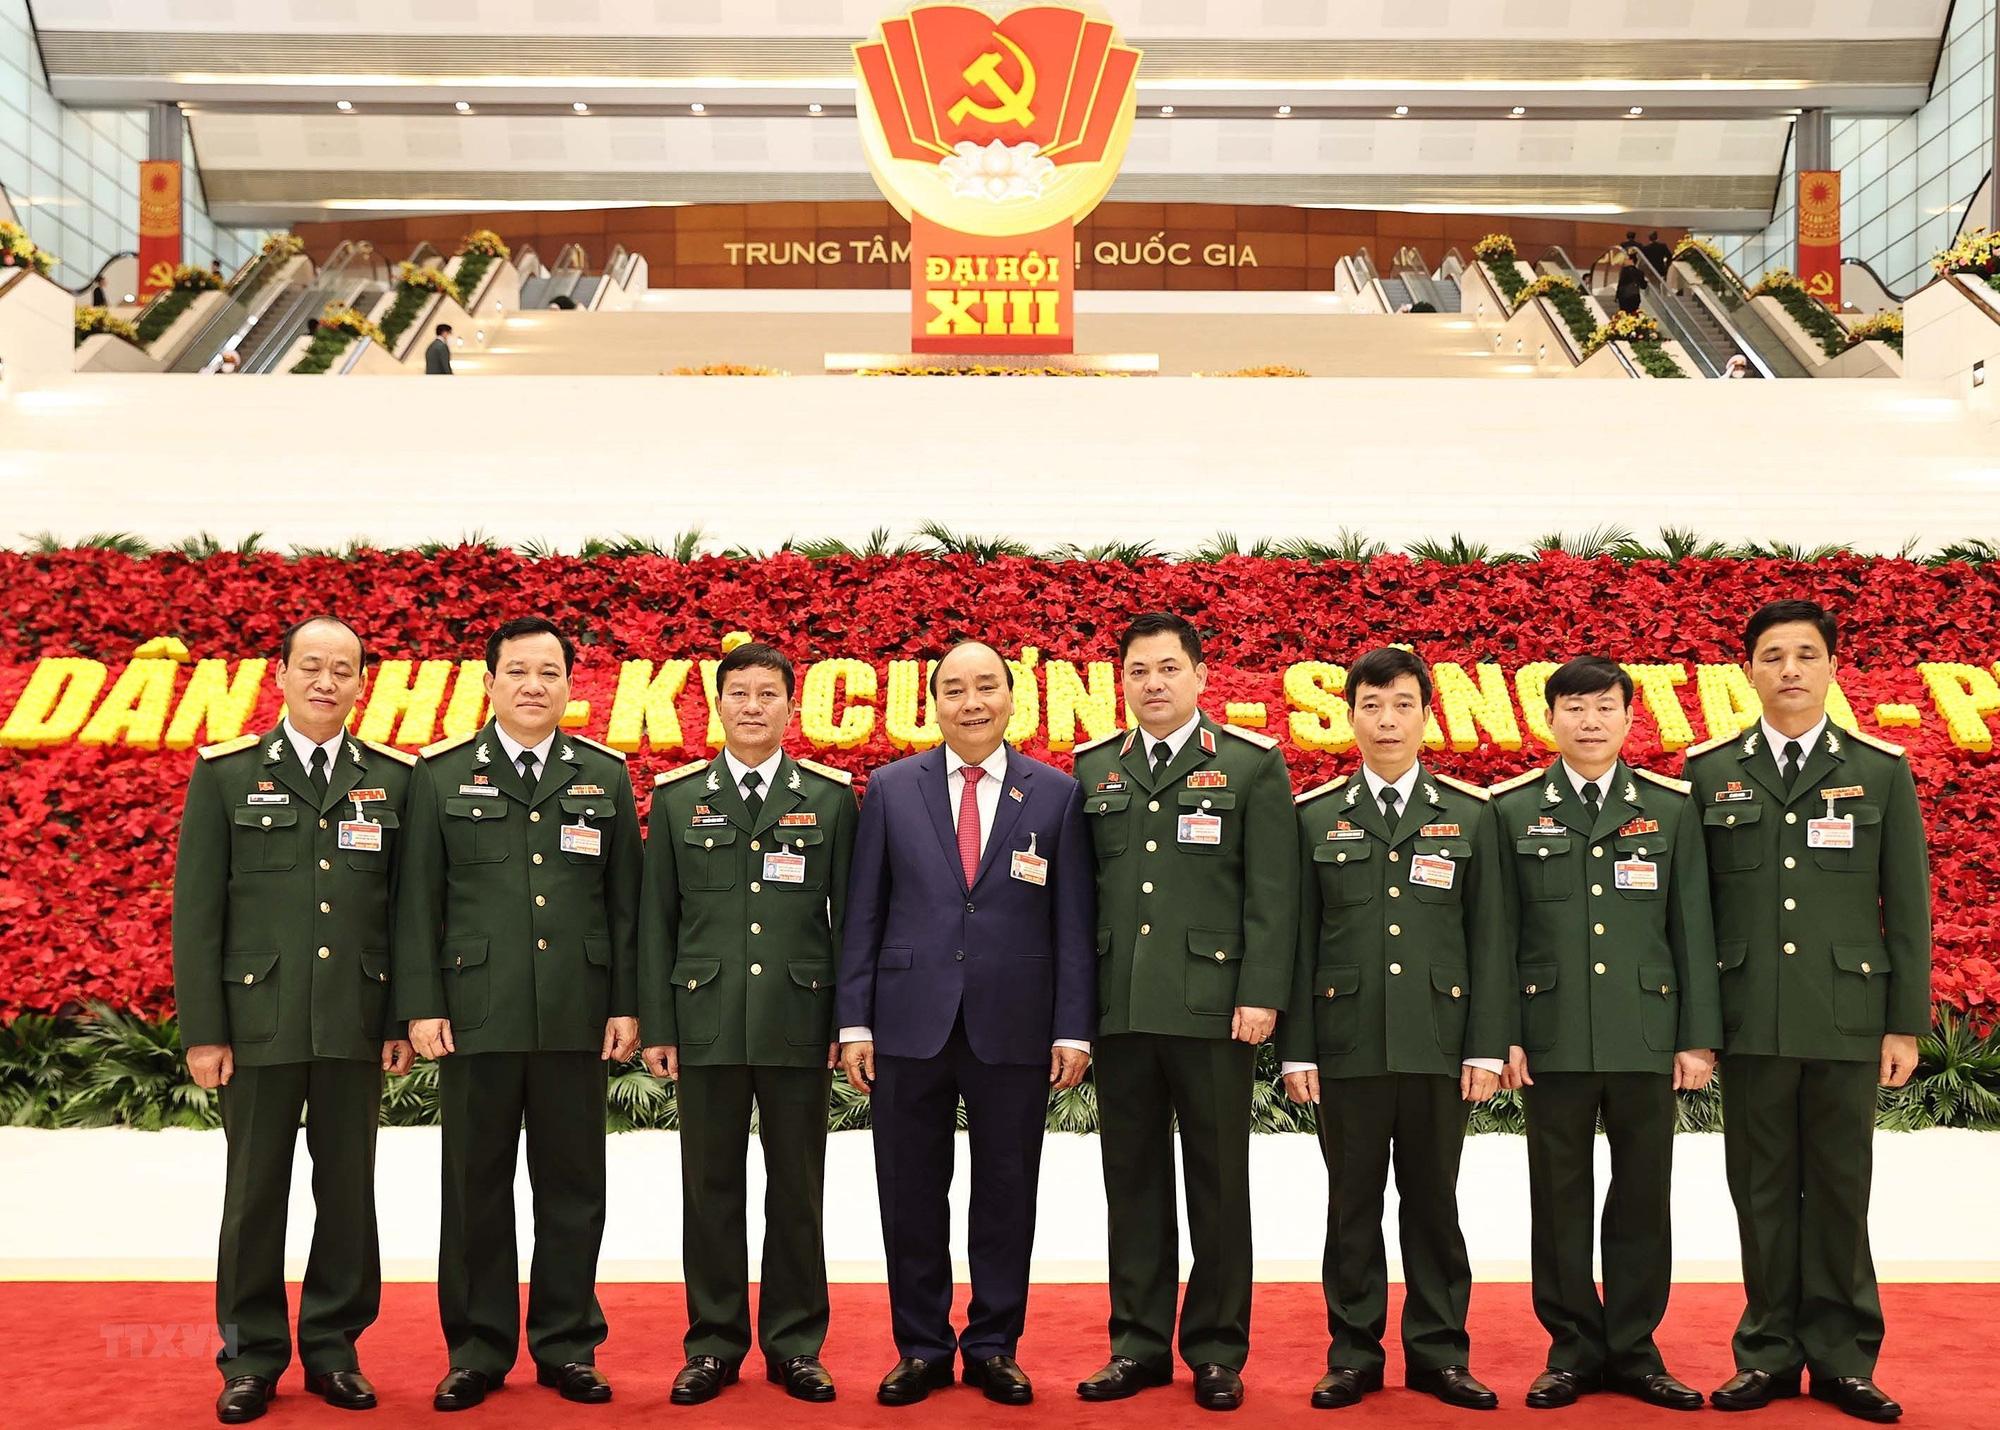 Ảnh: Ngày 29/1, Đại hội XIII tiếp tục làm việc về công tác nhân sự - Ảnh 6.